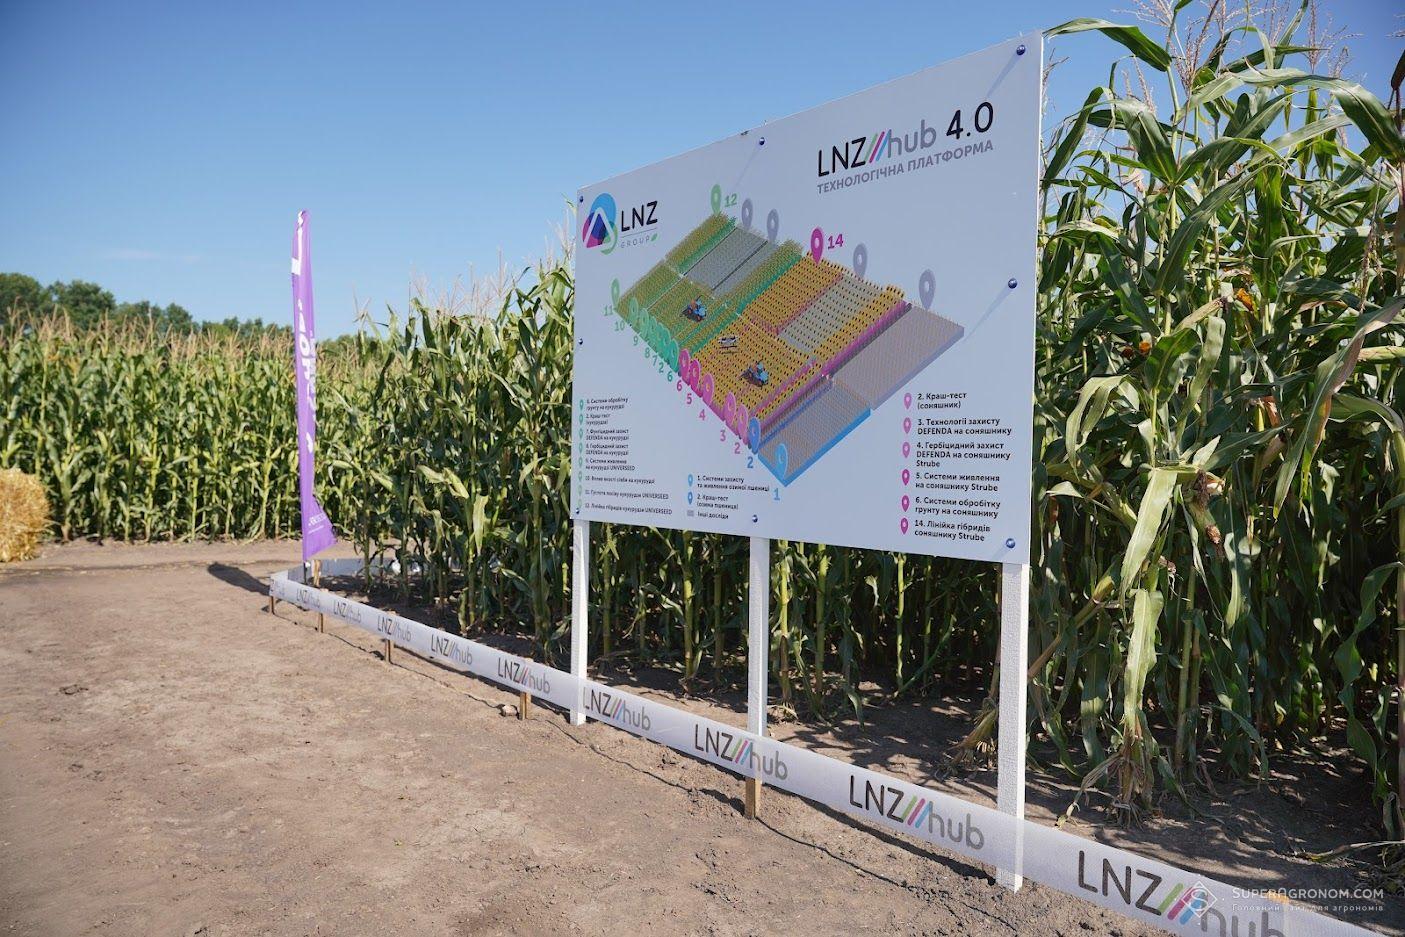 Випробування гібридів кукурудзи, соняшнику, та технологій вирощування культур на Черкащині: що побачили аграрії фото 1 LNZ Group